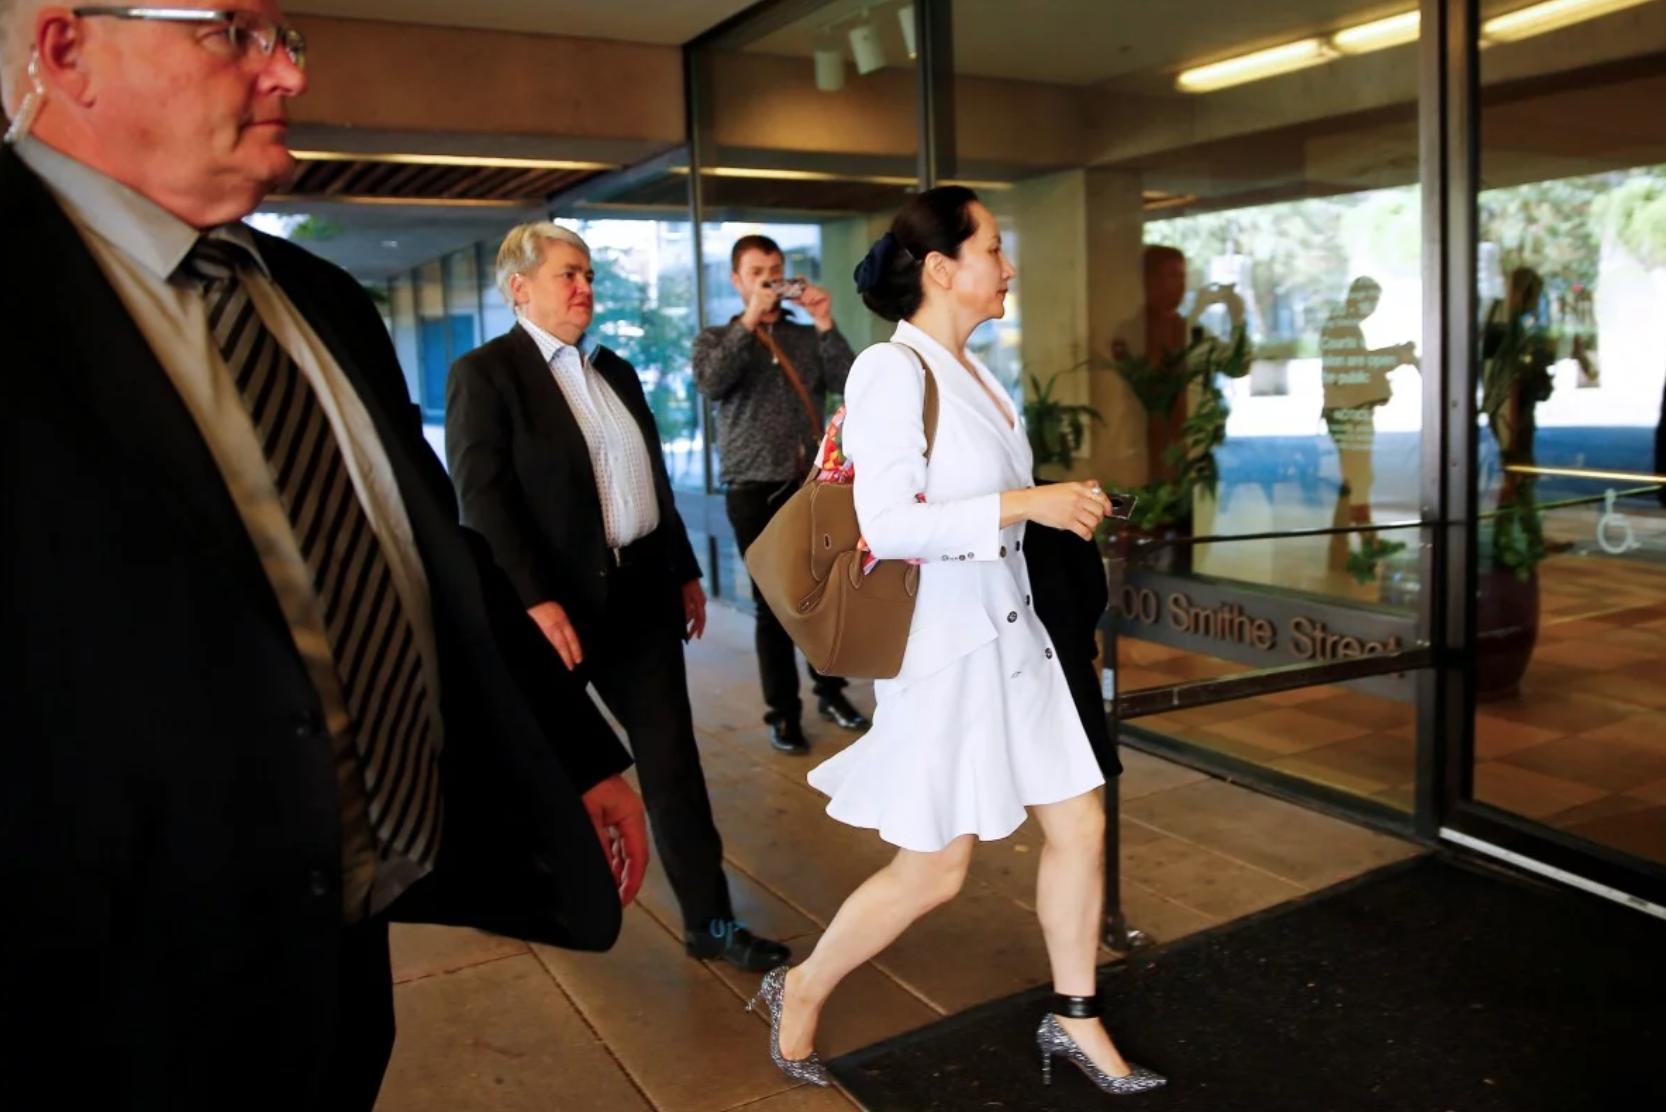 Thẩm phán bác bỏ yêu cầu của truyền thông về việc phát sóng phiên điều trần dẫn độ Giám đốc tài chính của Huawei